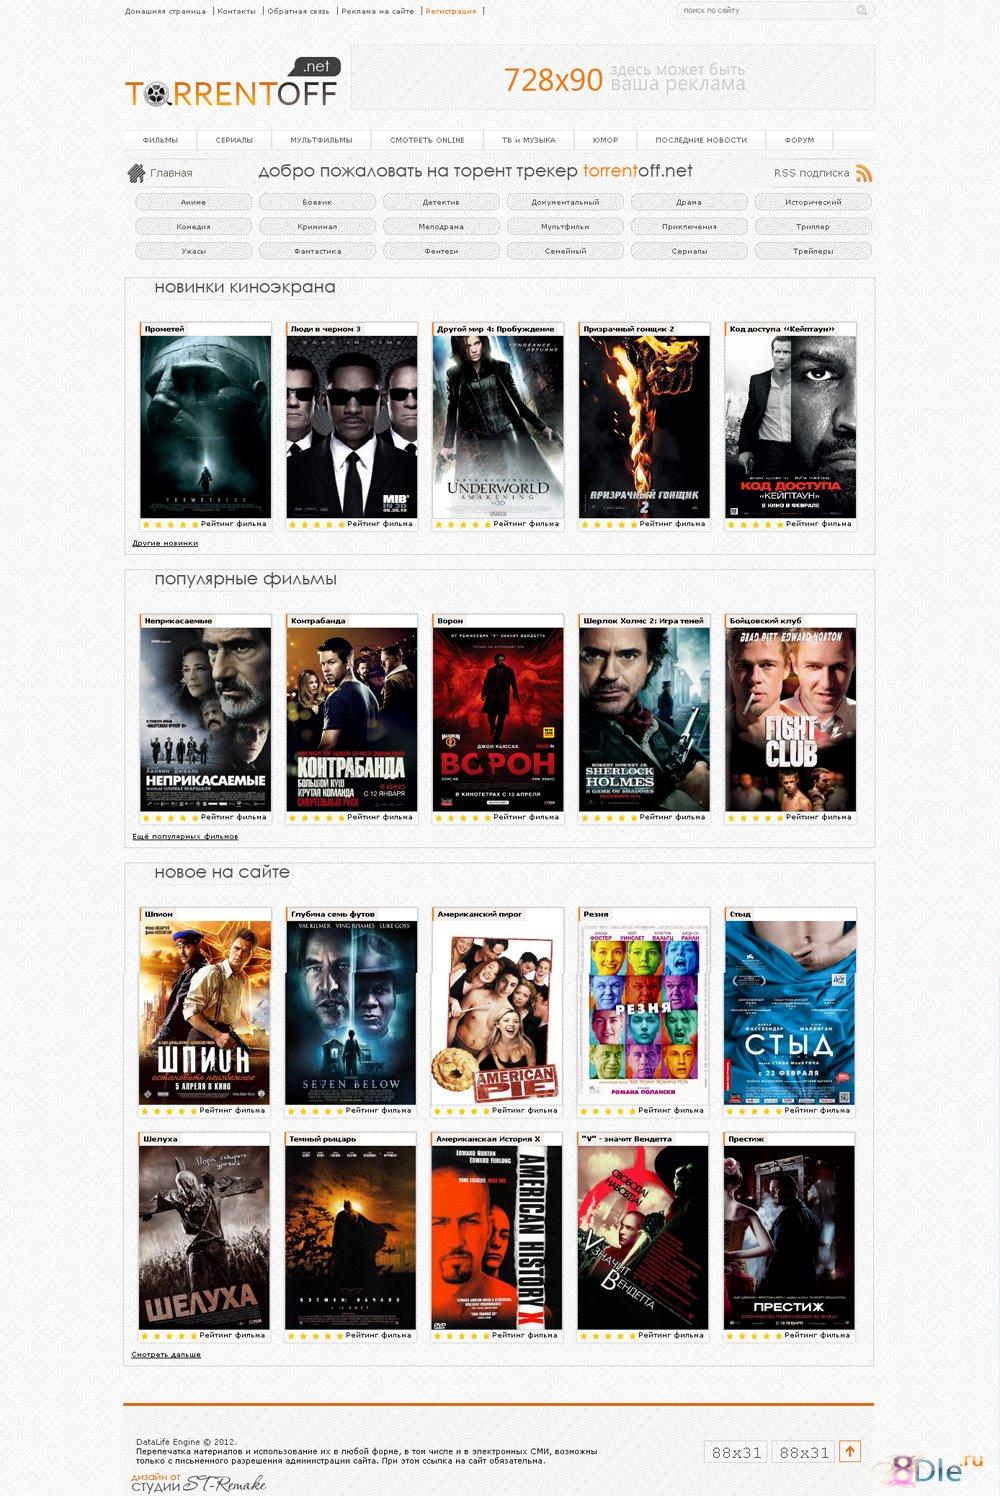 Движок для киносайта скачать создание сайтов бксплатно